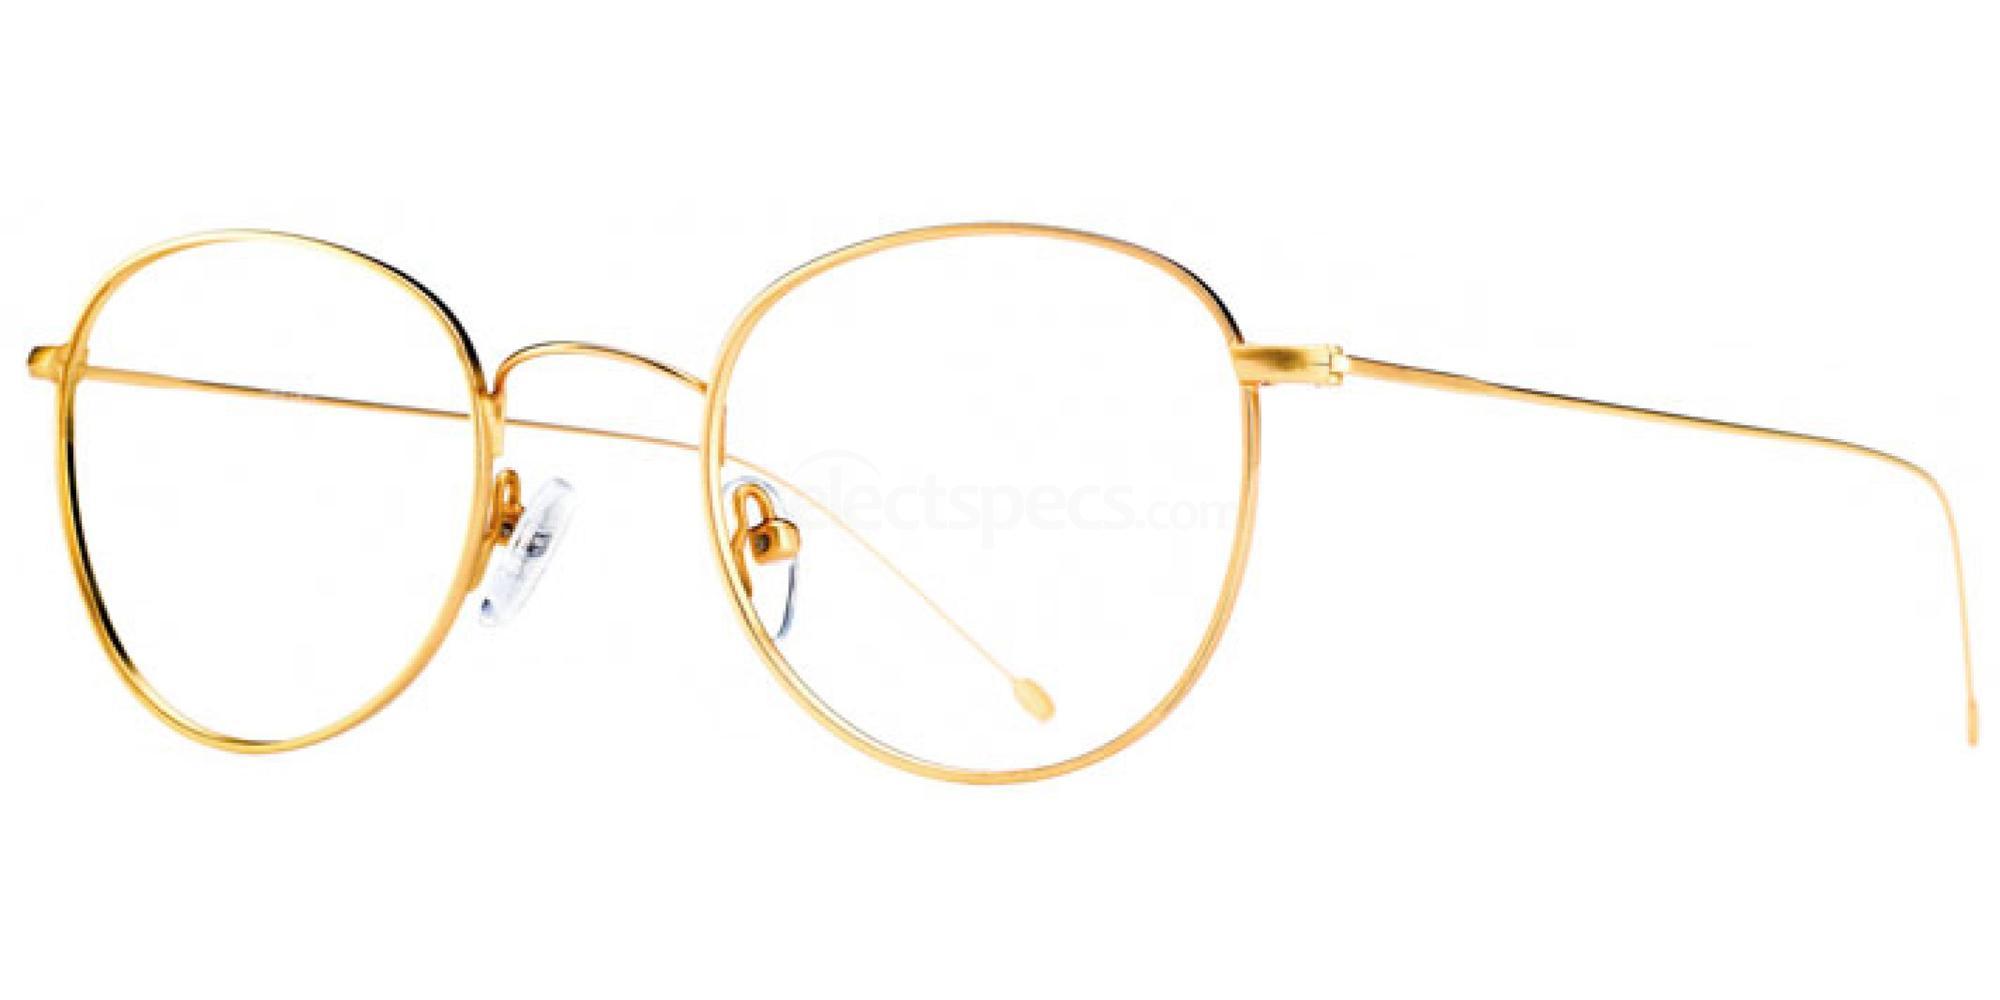 C1 i Wear 6065 Glasses, i Wear